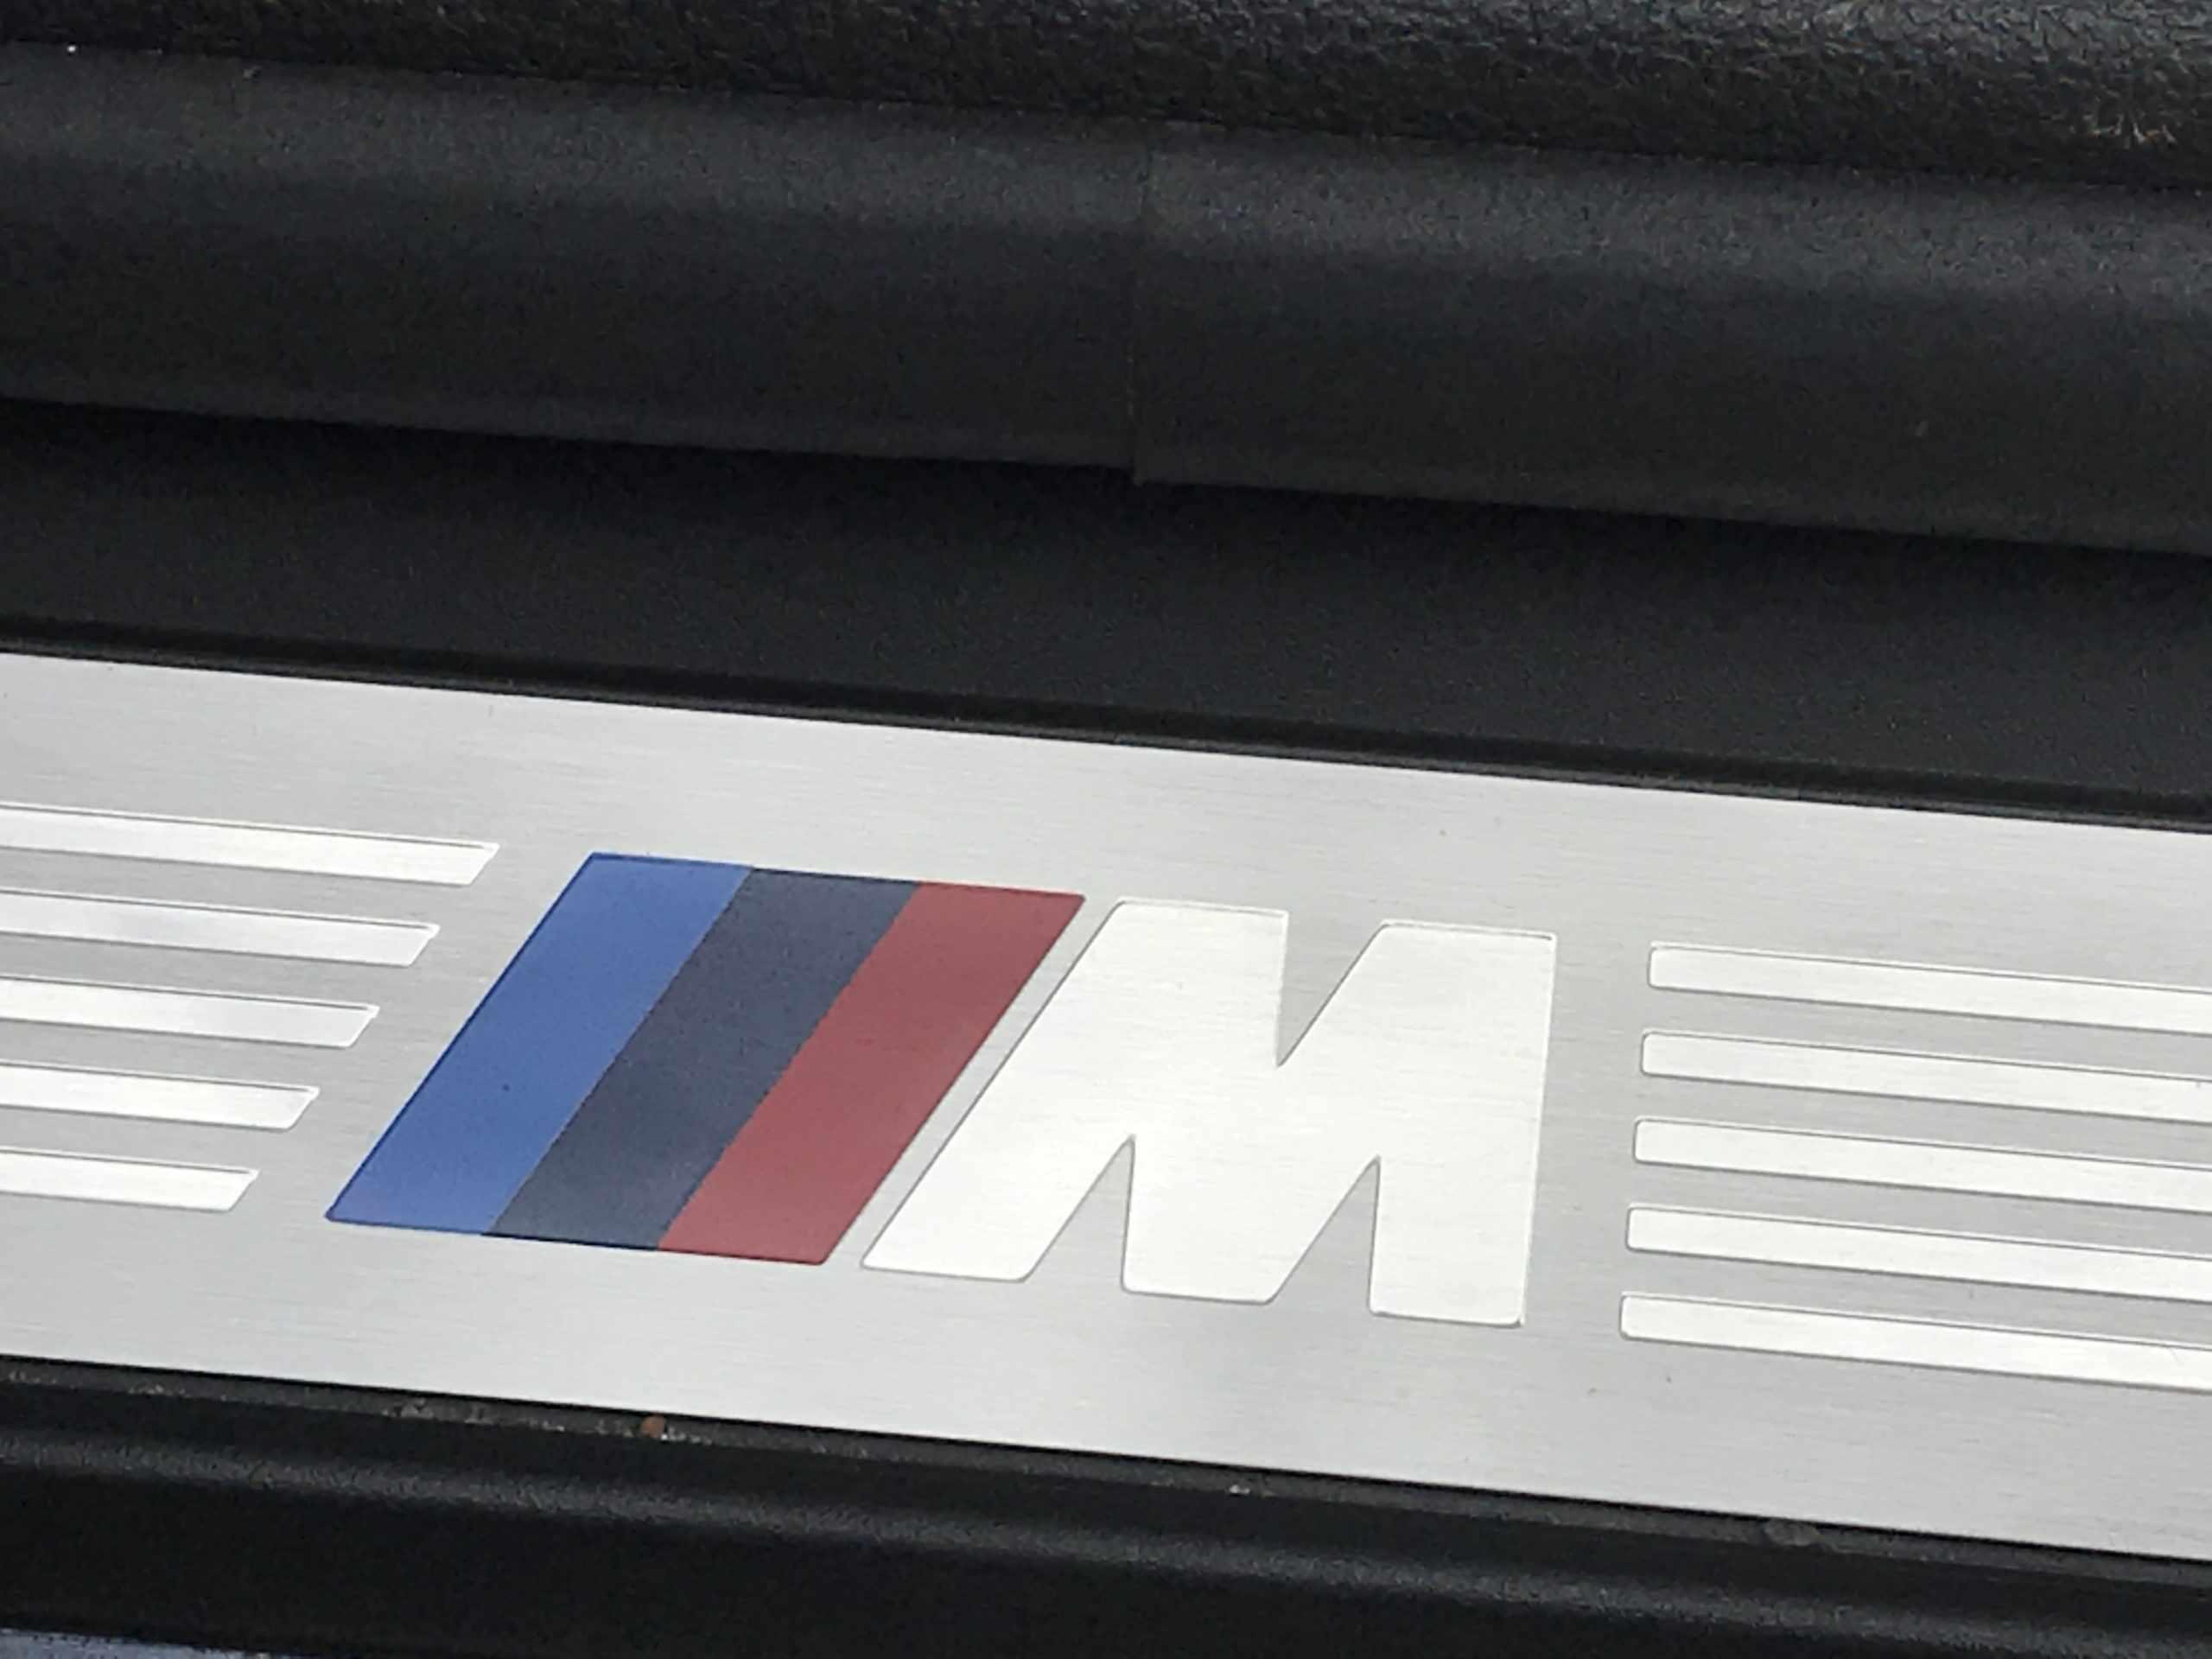 Bmw X3 new model 2.0i X-drive M-pakket